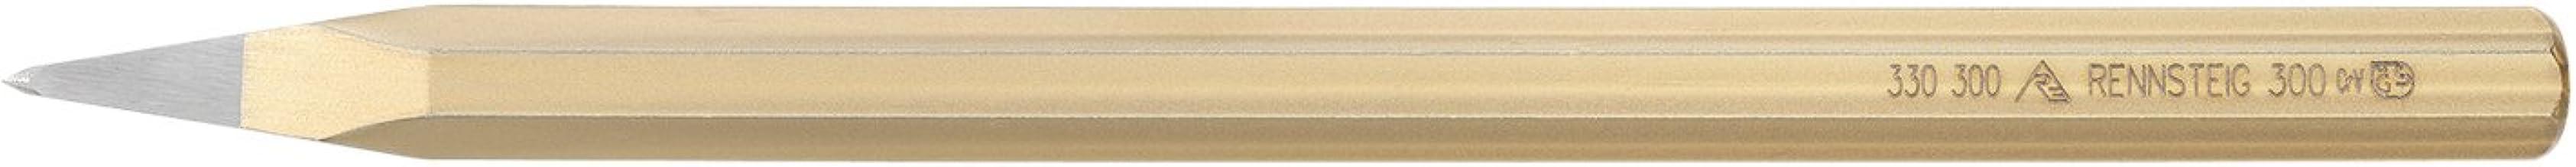 Rennsteig 330 200 0 16 x 200mm Pointed Chisel Octagonal Shank